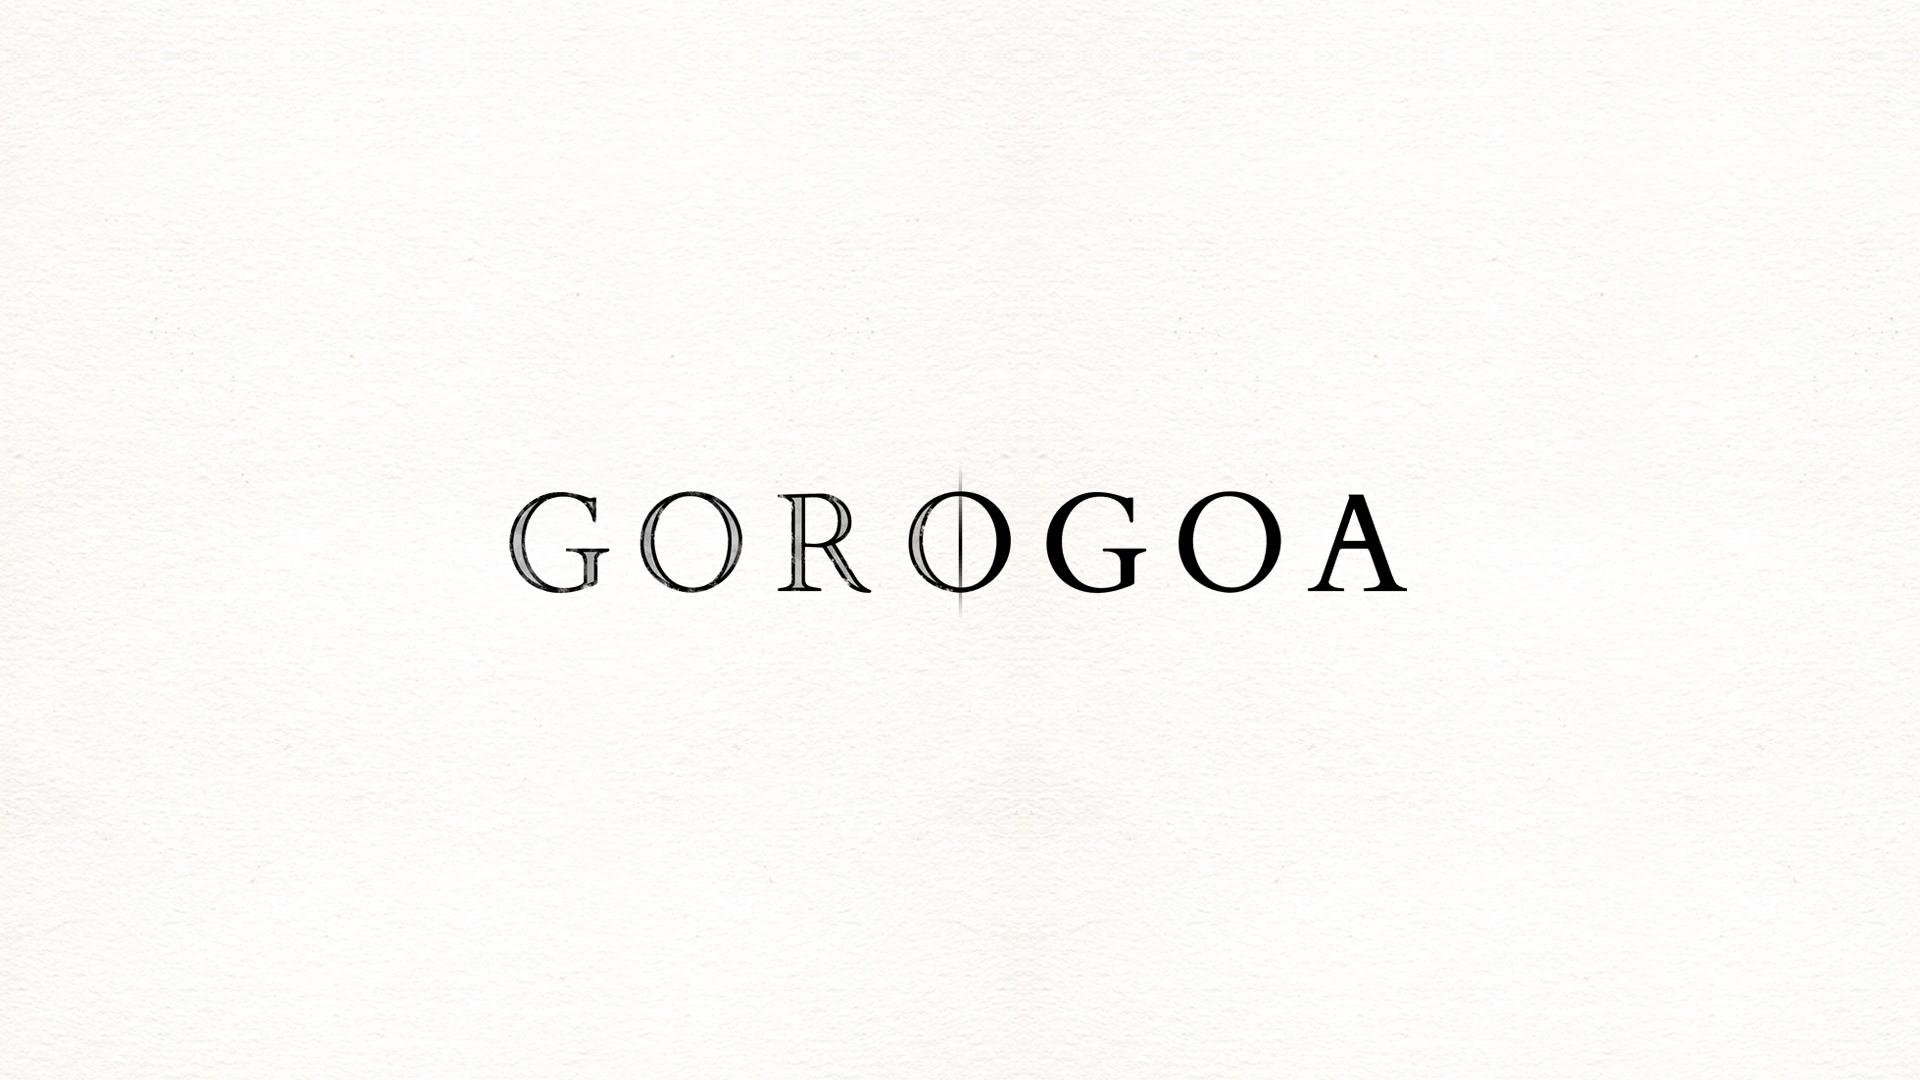 今日游戏介绍:《画中世界》(Gorogoa)